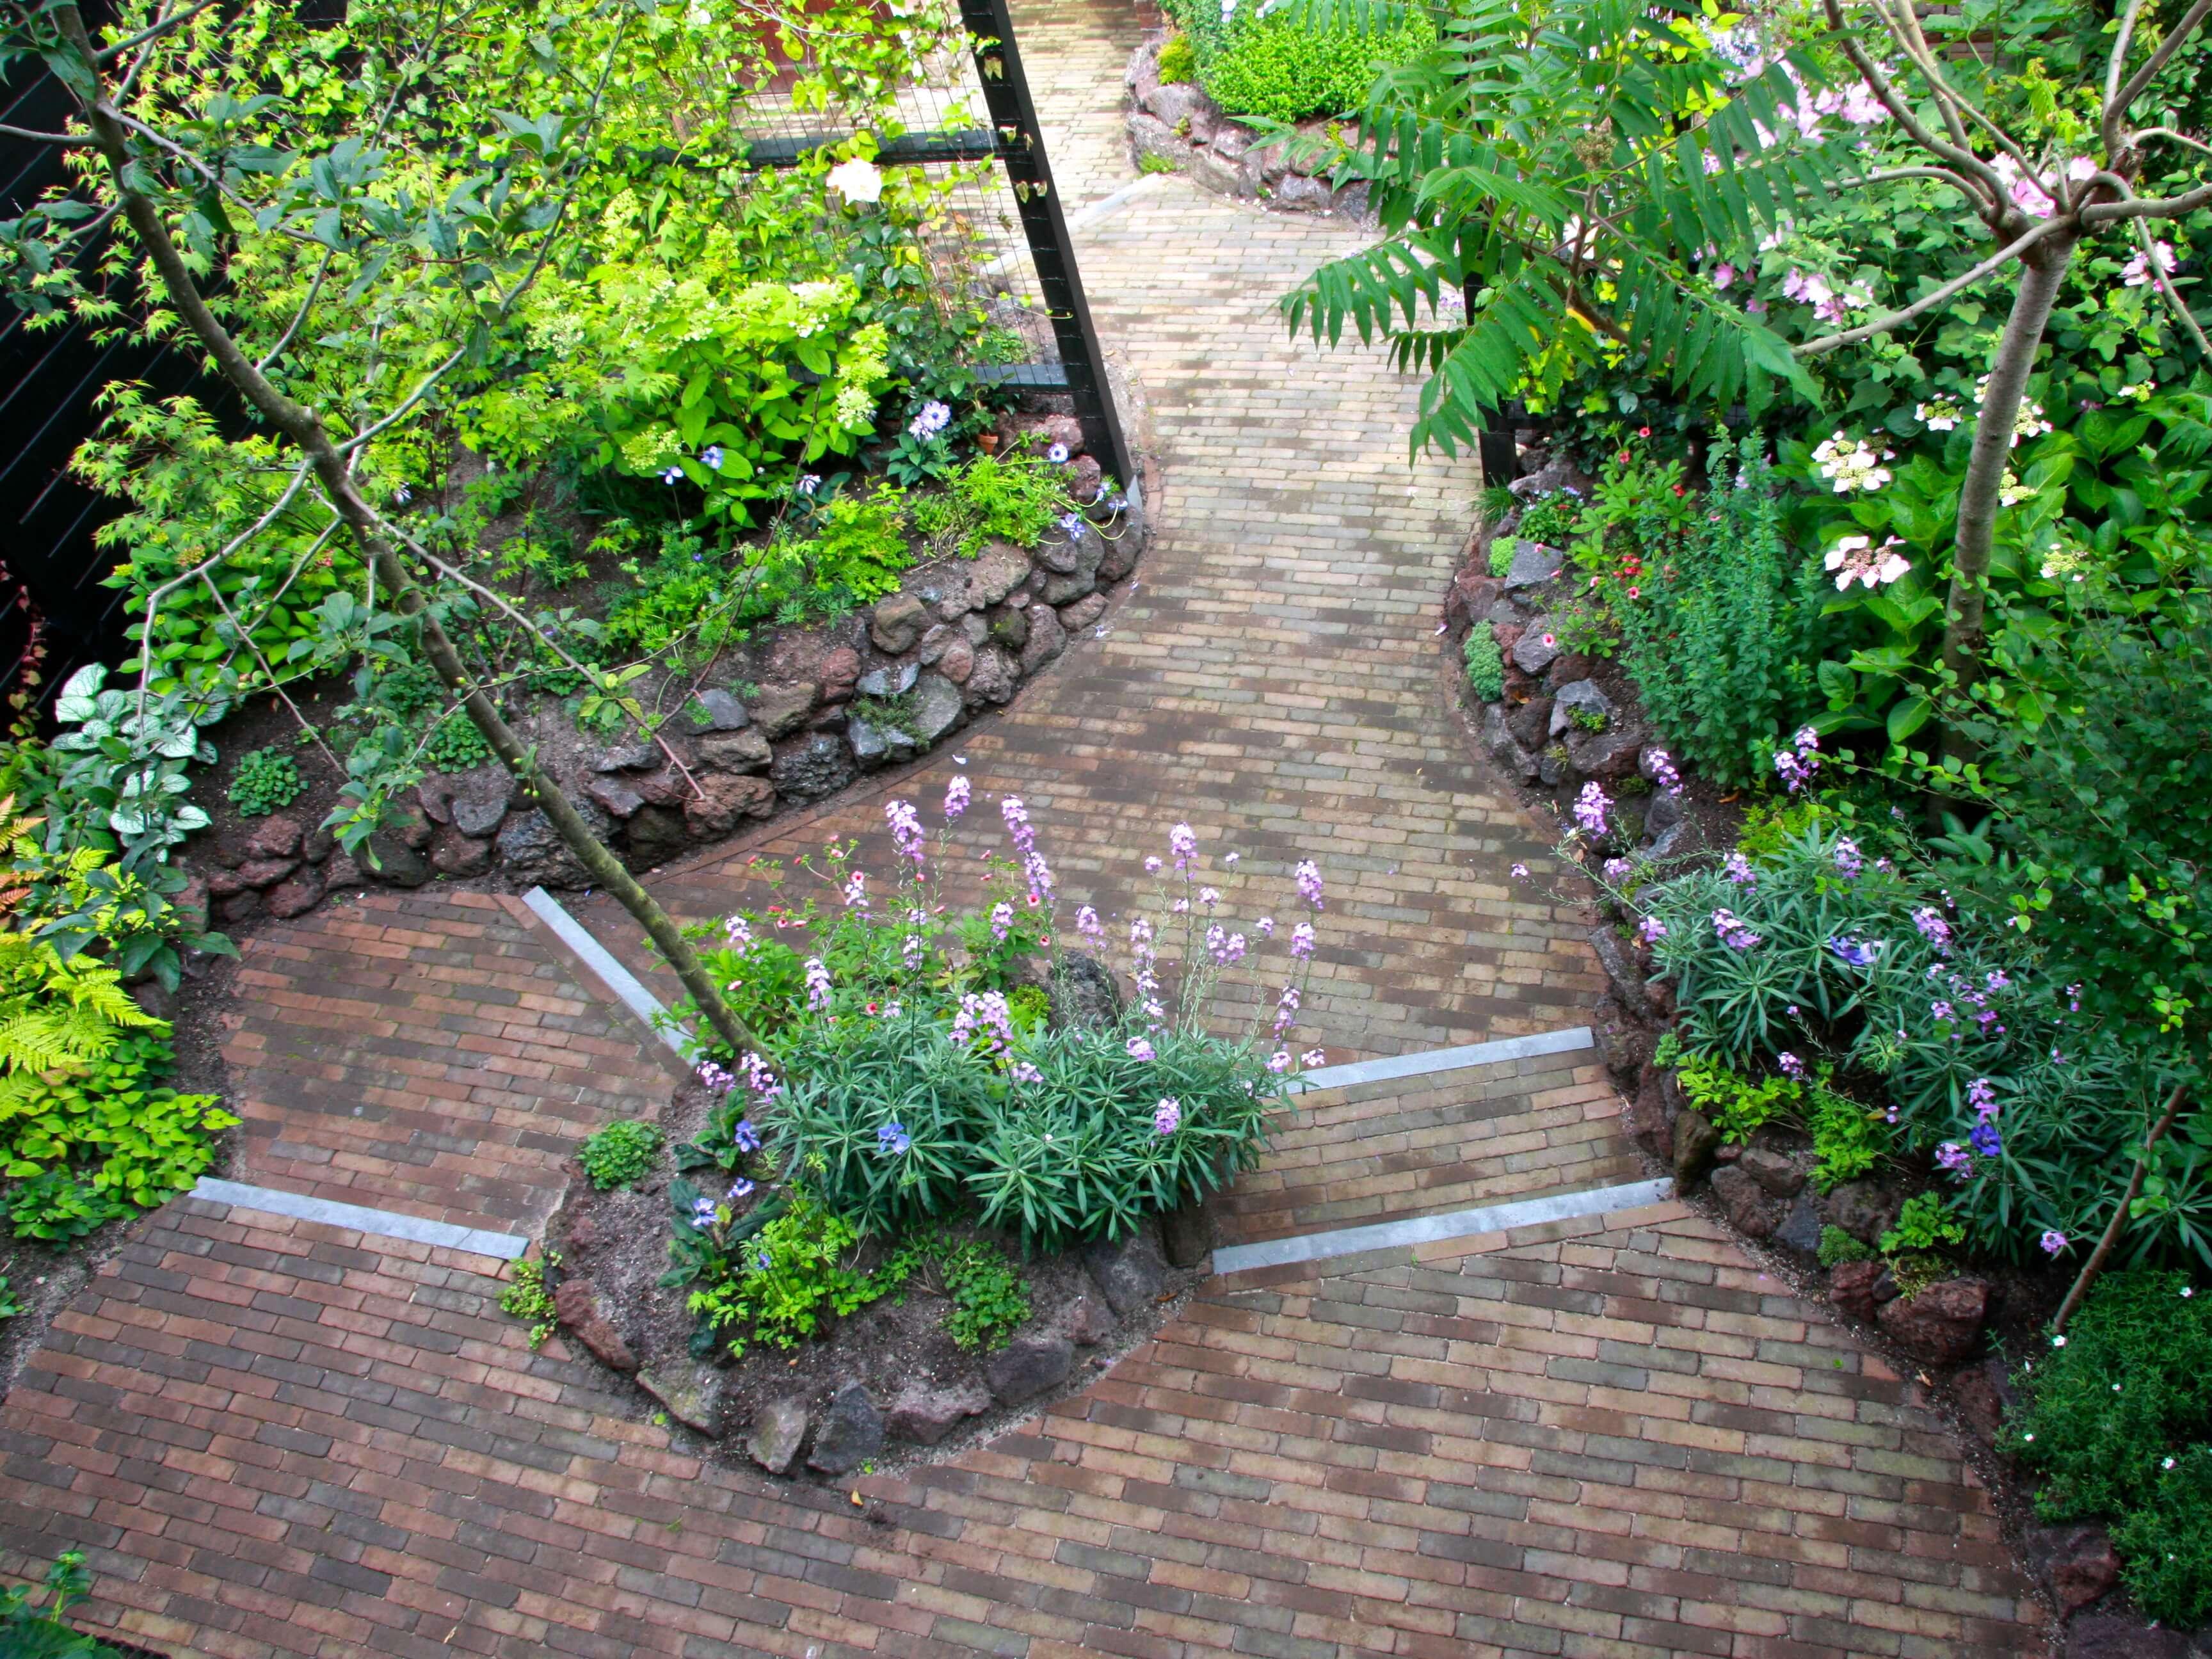 intieme nieuwe tuin